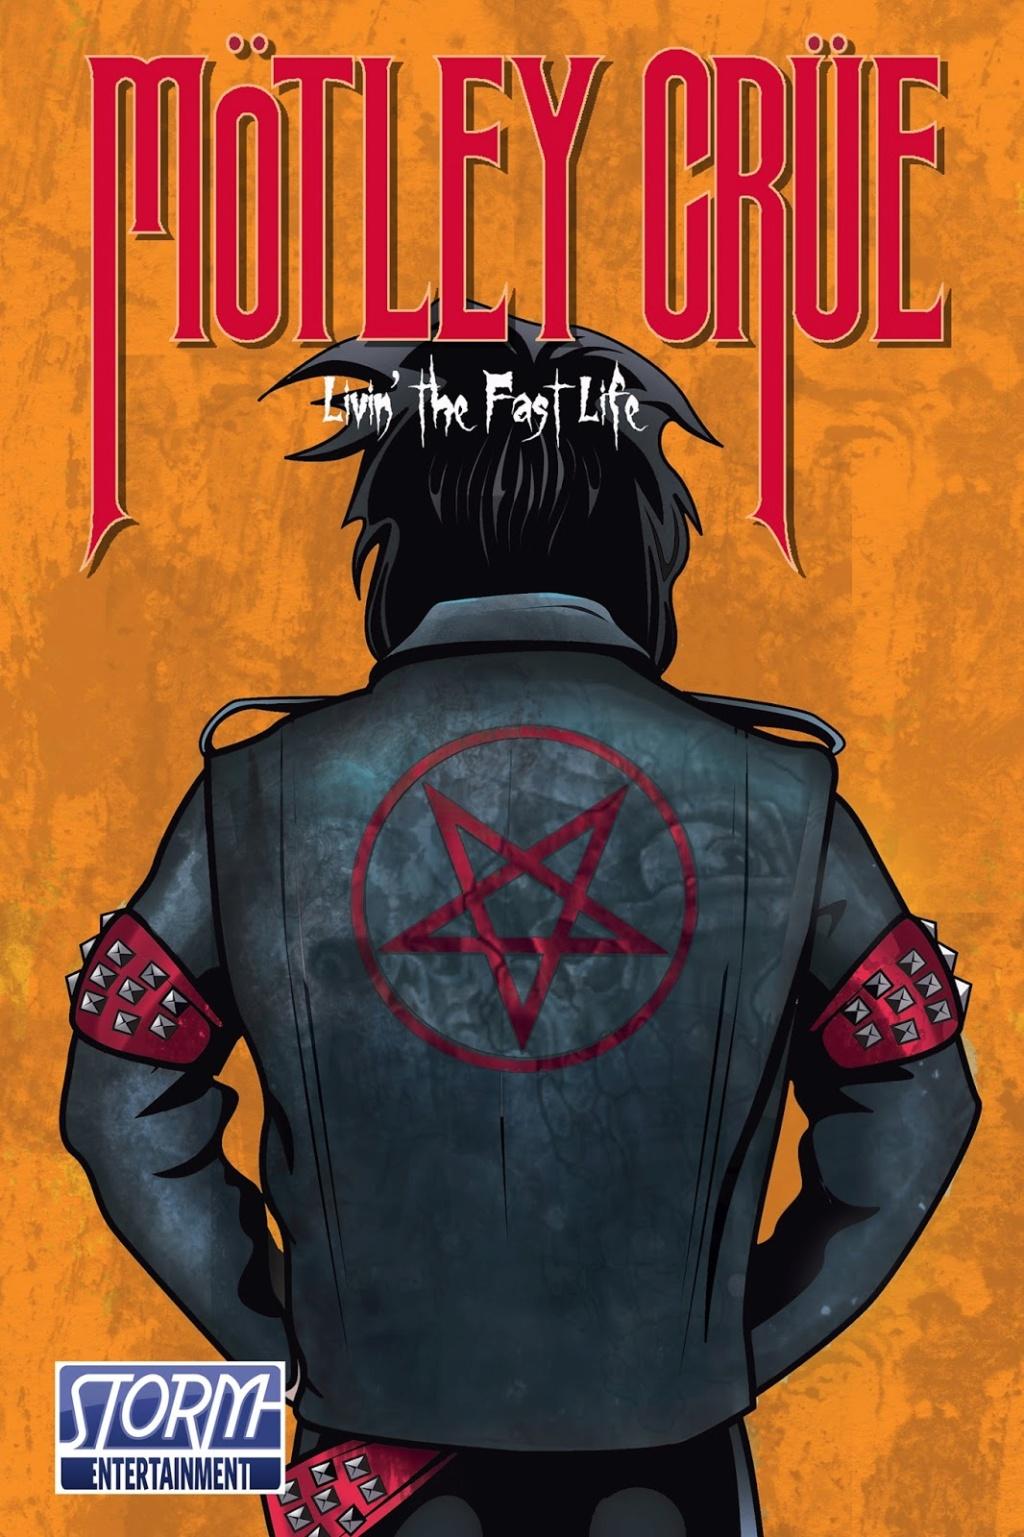 El final de Motley Crue??? Nooooo - Página 8 Comic_19